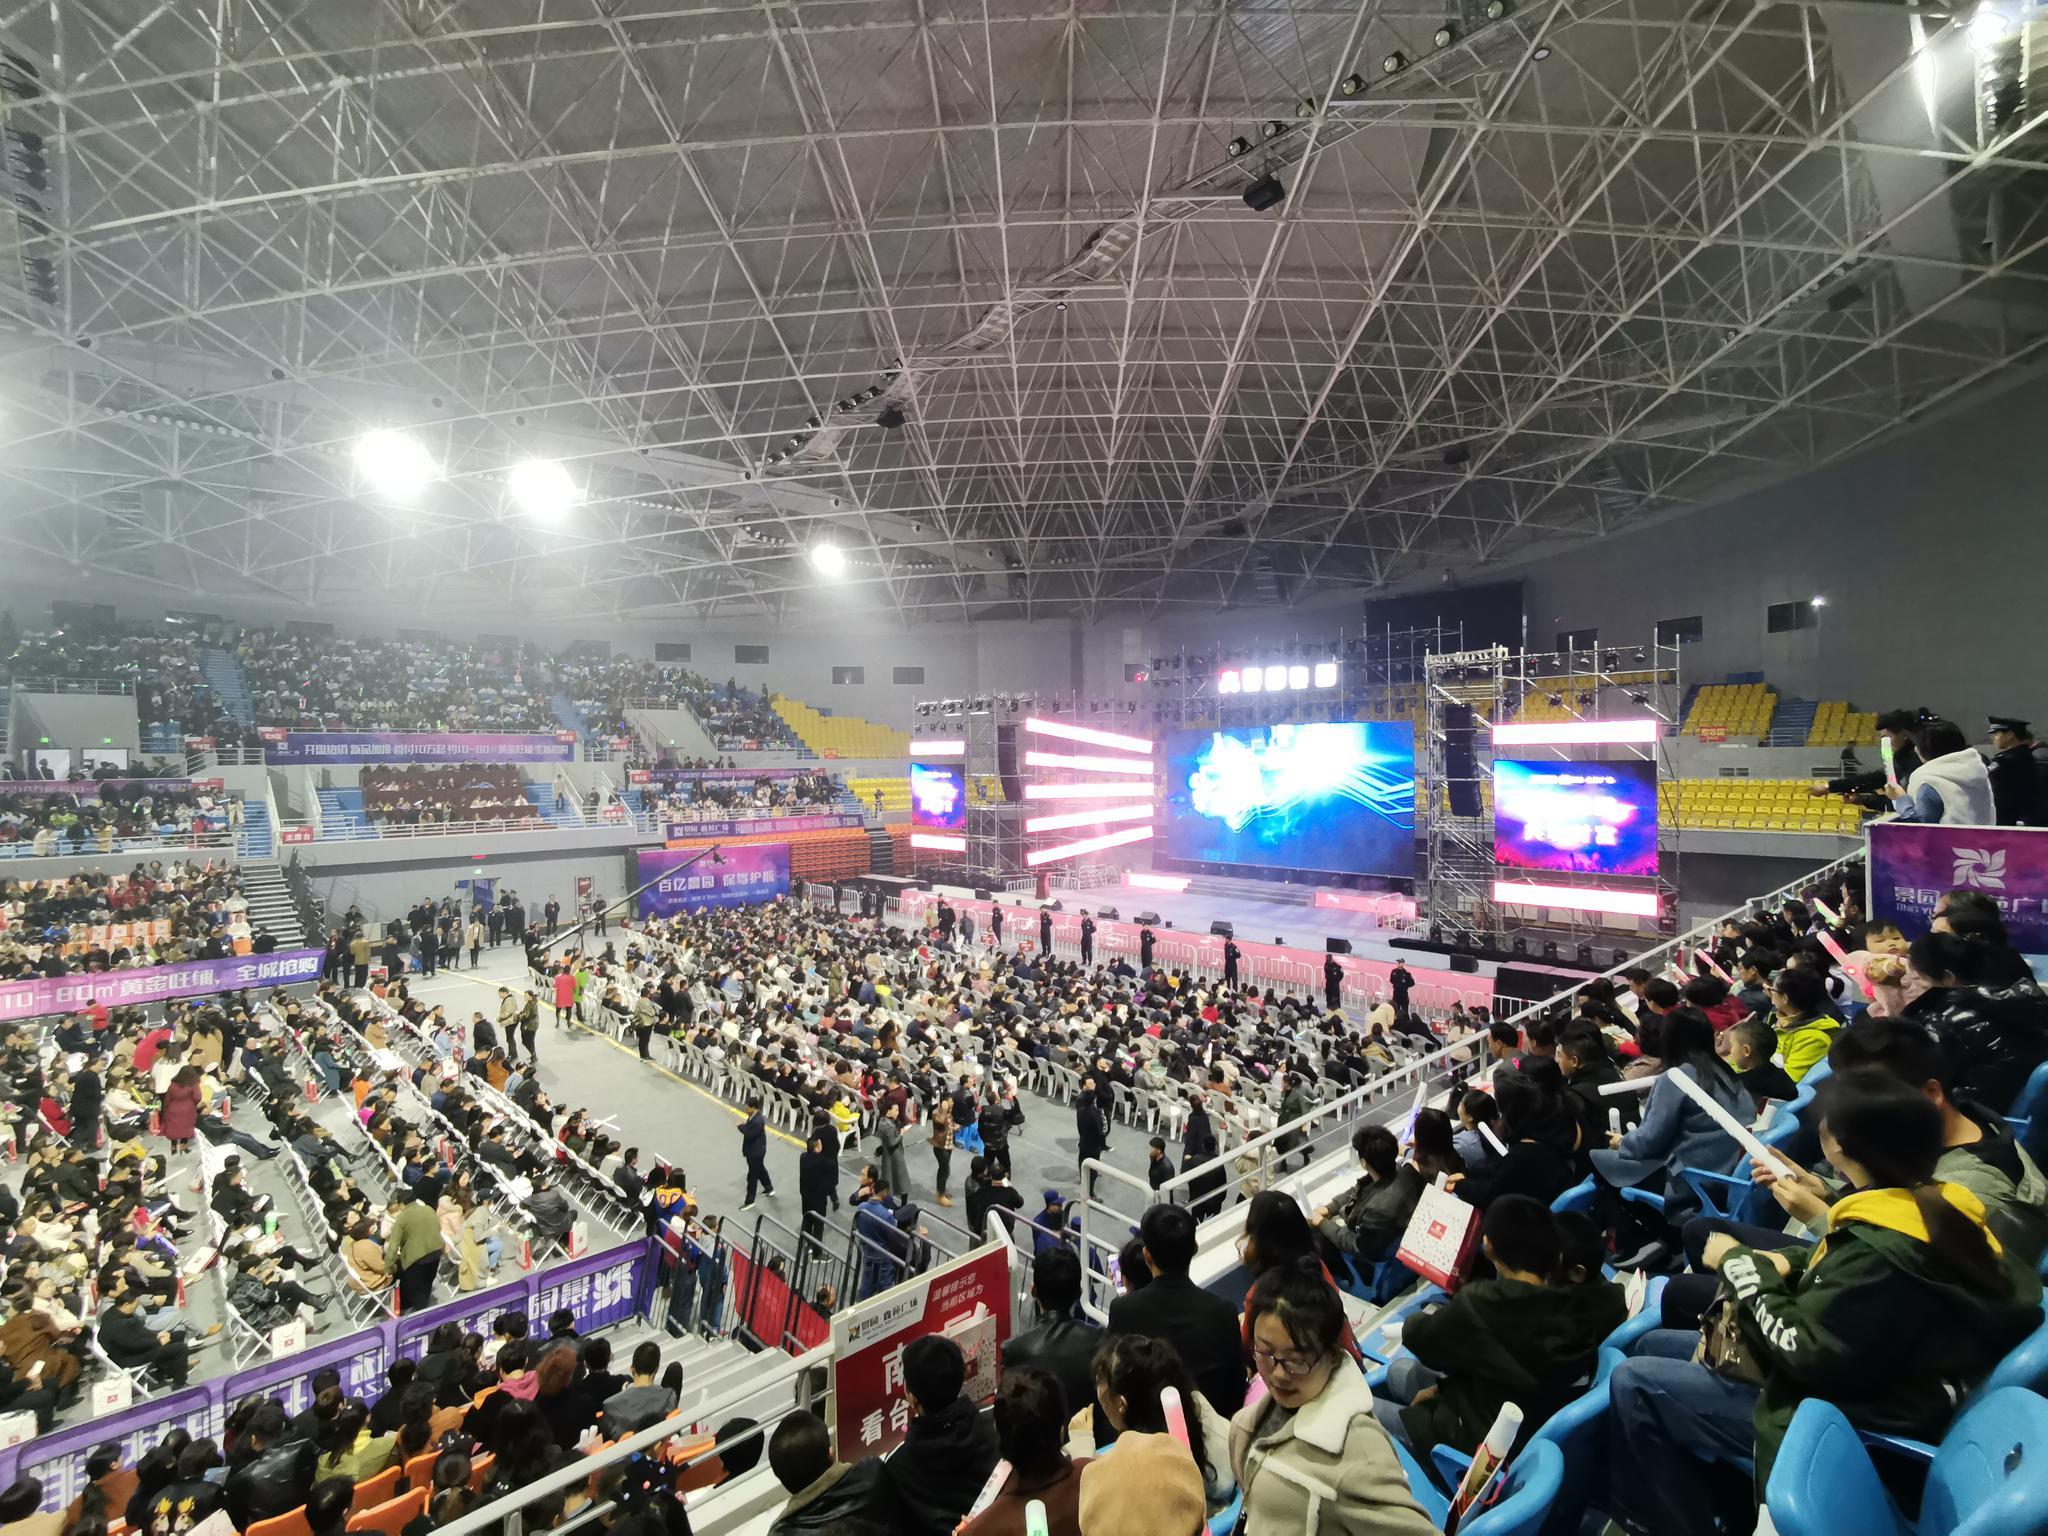 景园之夜  大型群星演唱会